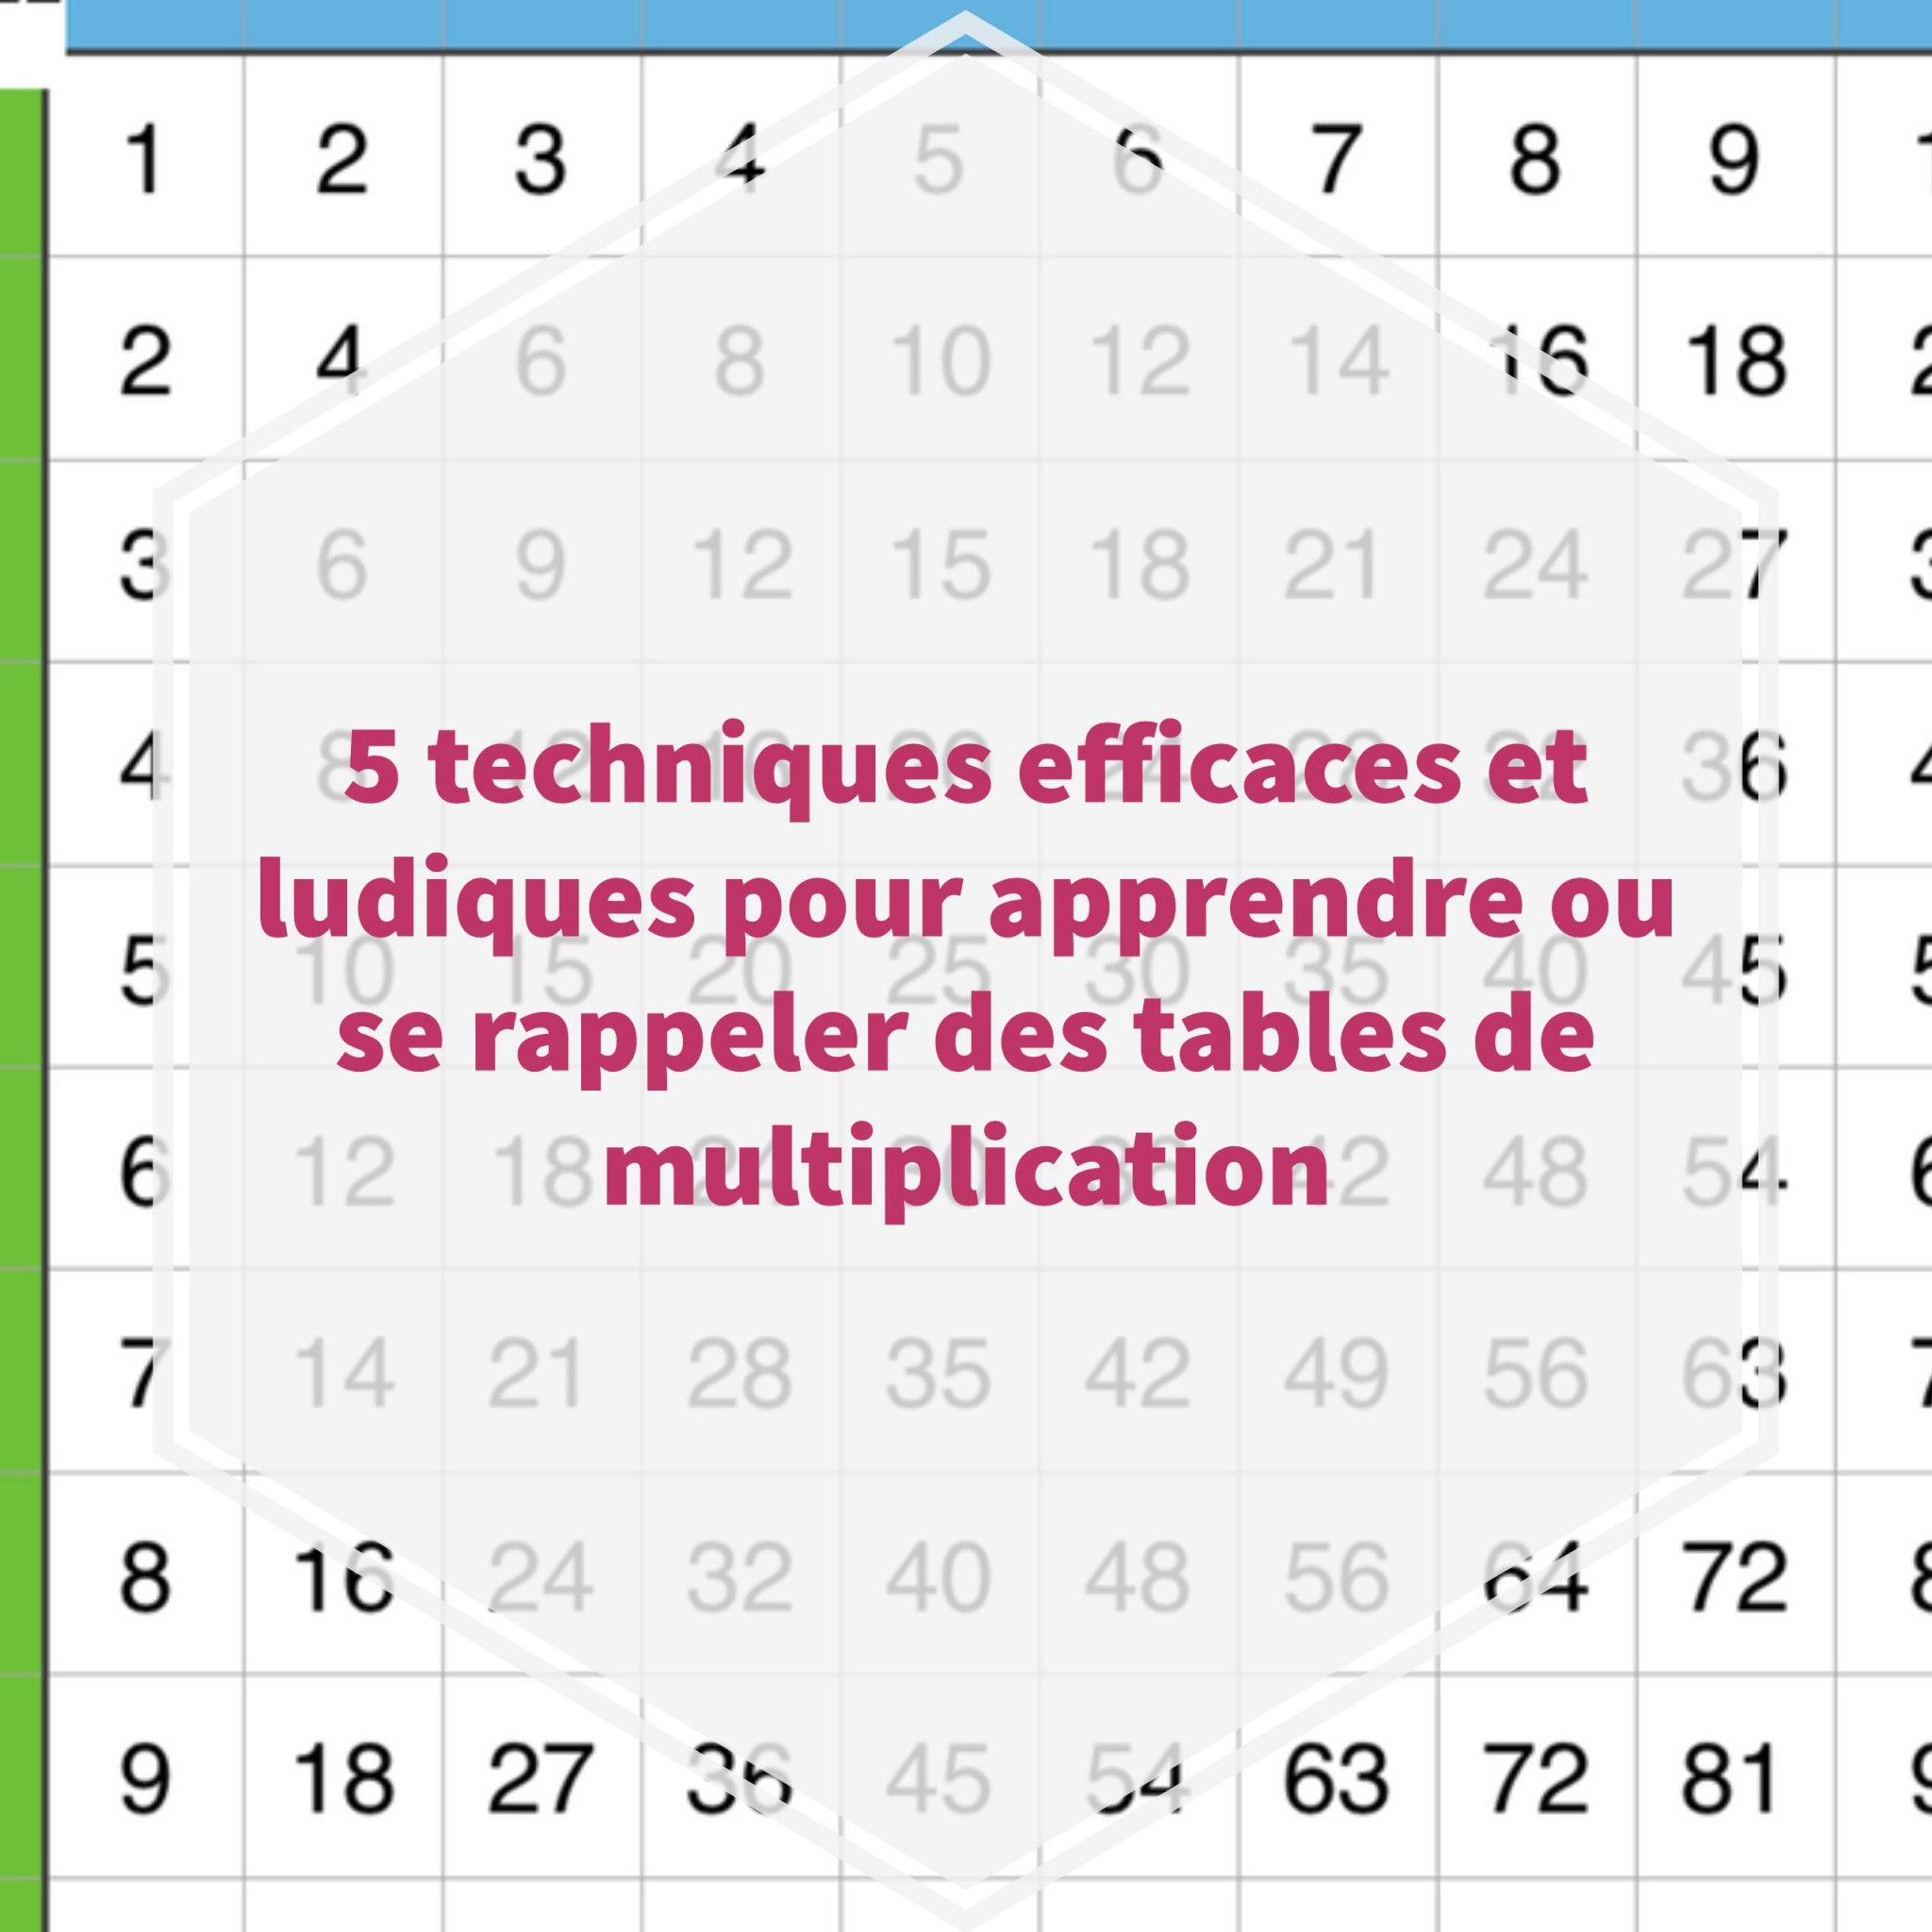 5 techniques efficaces et ludiques pour apprendre ou se for Table de multiplication 7 et 8